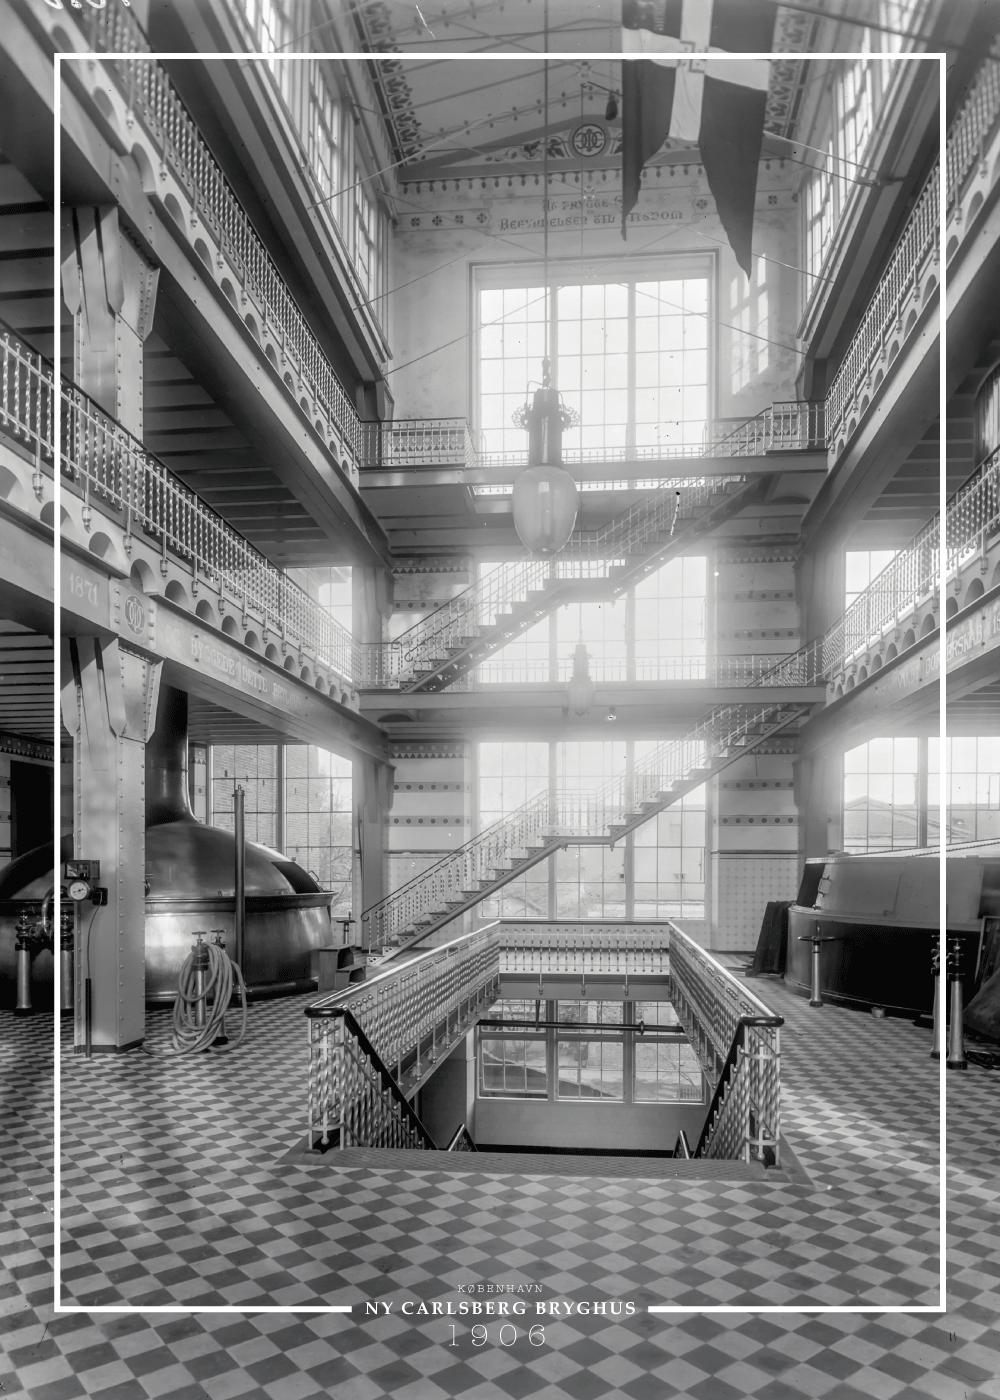 Billede af Carlsberg bryghus - Gamle billeder af København plakat